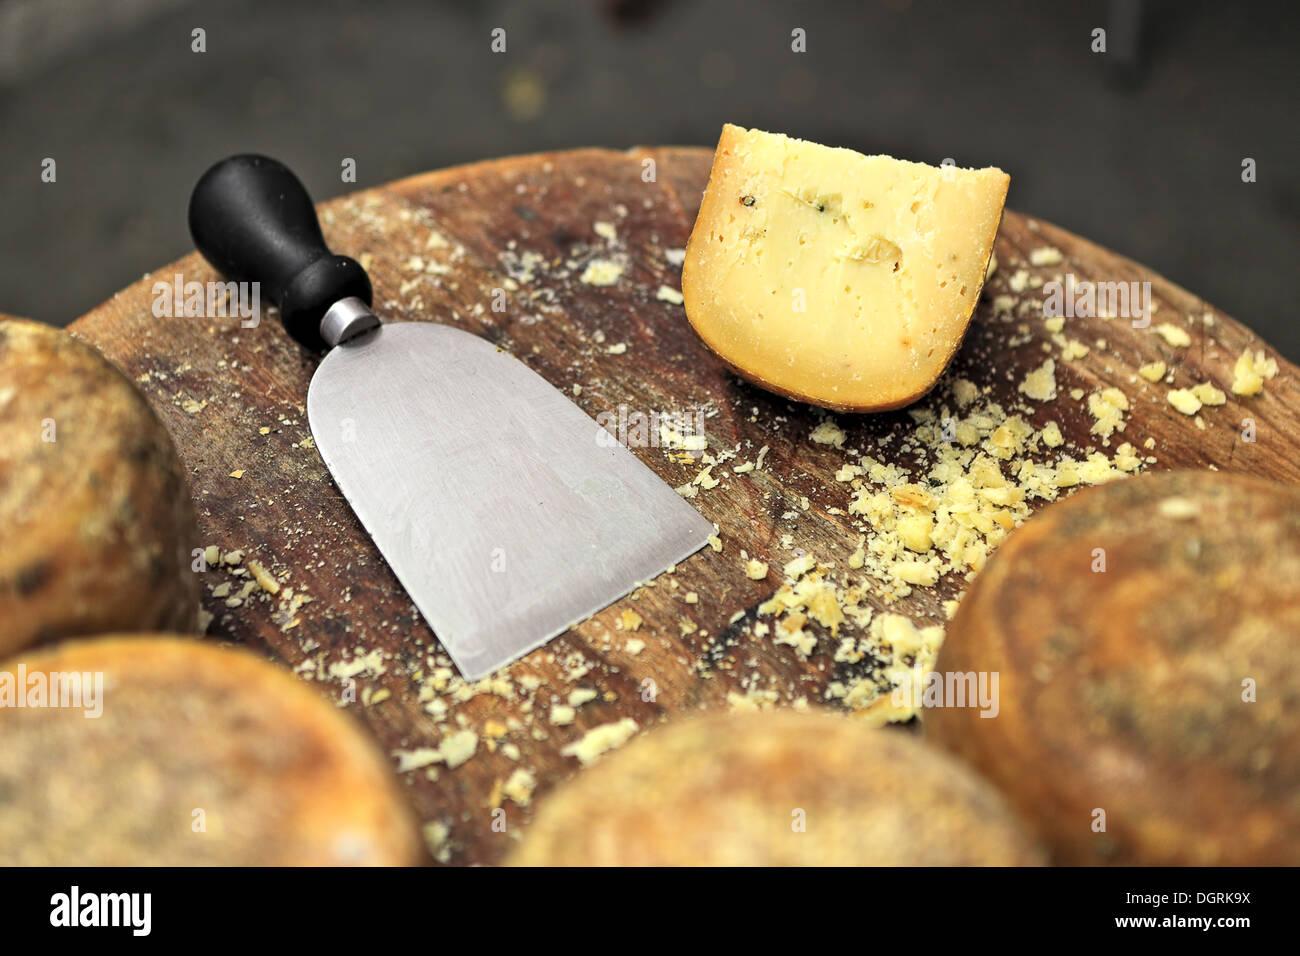 Coltello speciale e italiano famoso formaggio pecorino sul piccolo tavolo in legno. Immagini Stock